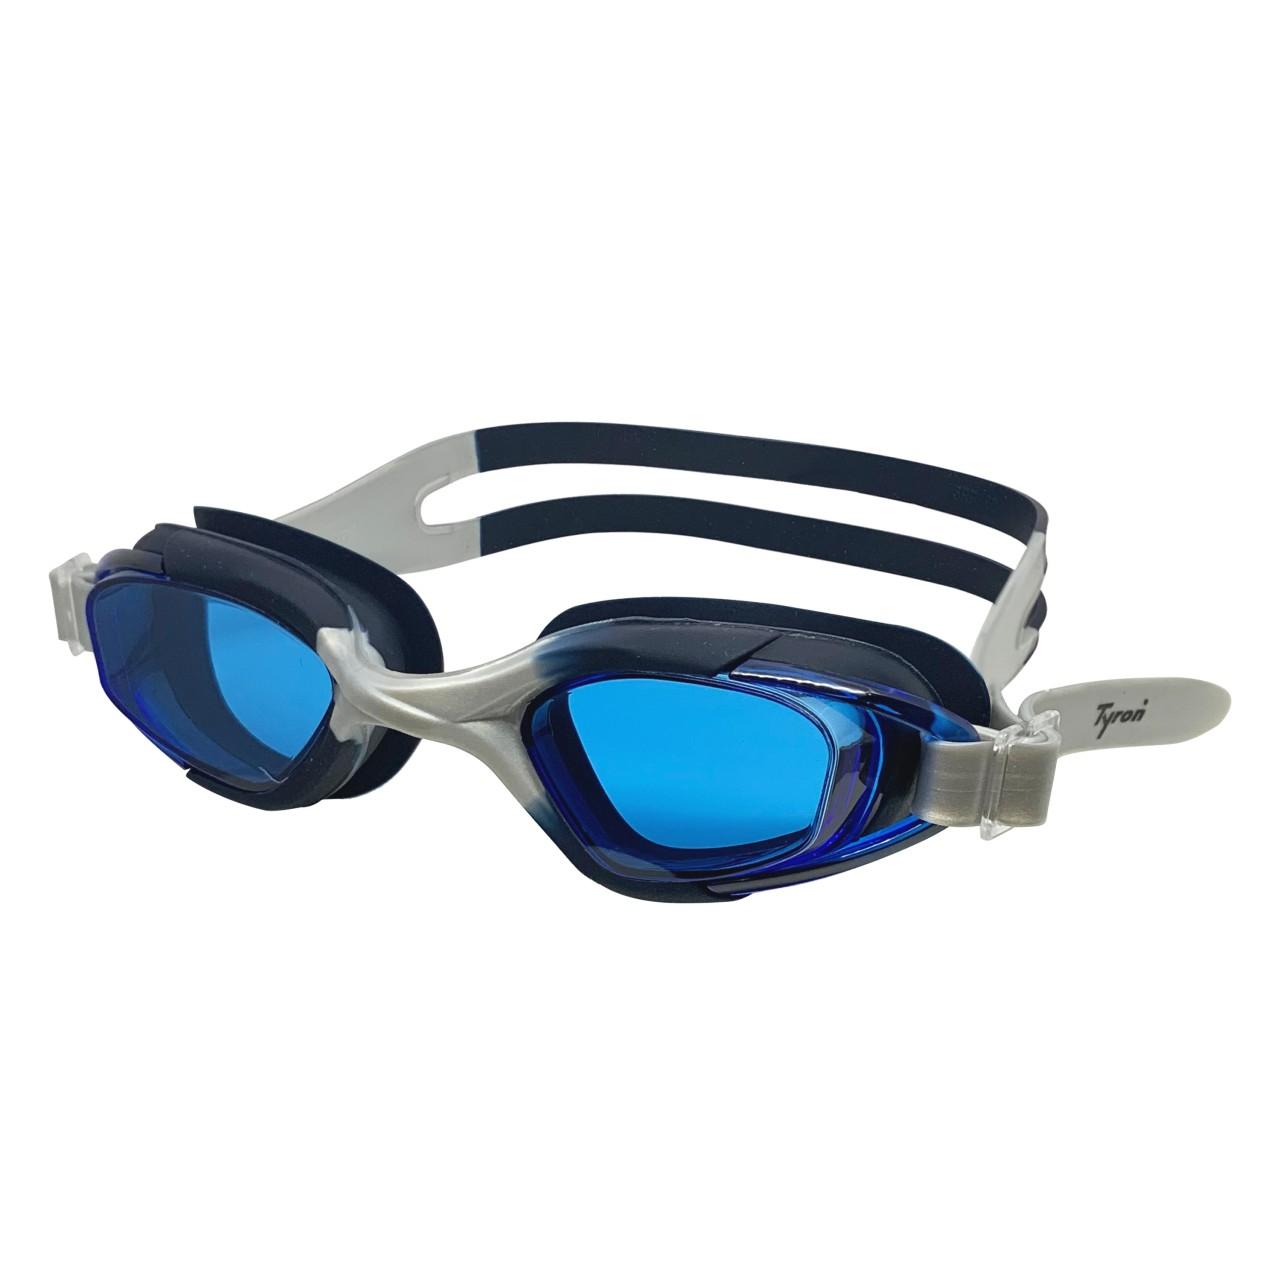 f3bc30caaa31a TYRON Kinder-Schwimmbrille Cobra (blau/silber) | Kinderbrillen | Brillen |  Schwimmsport | Schütt-Spezialversand für Sportartikel